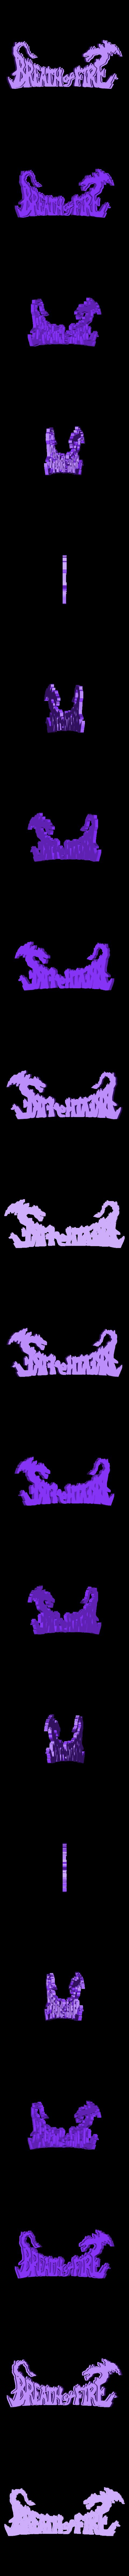 breath_of_fire_letters.stl Télécharger fichier STL gratuit Souffle de l'art de la boîte à feu • Plan à imprimer en 3D, mark579